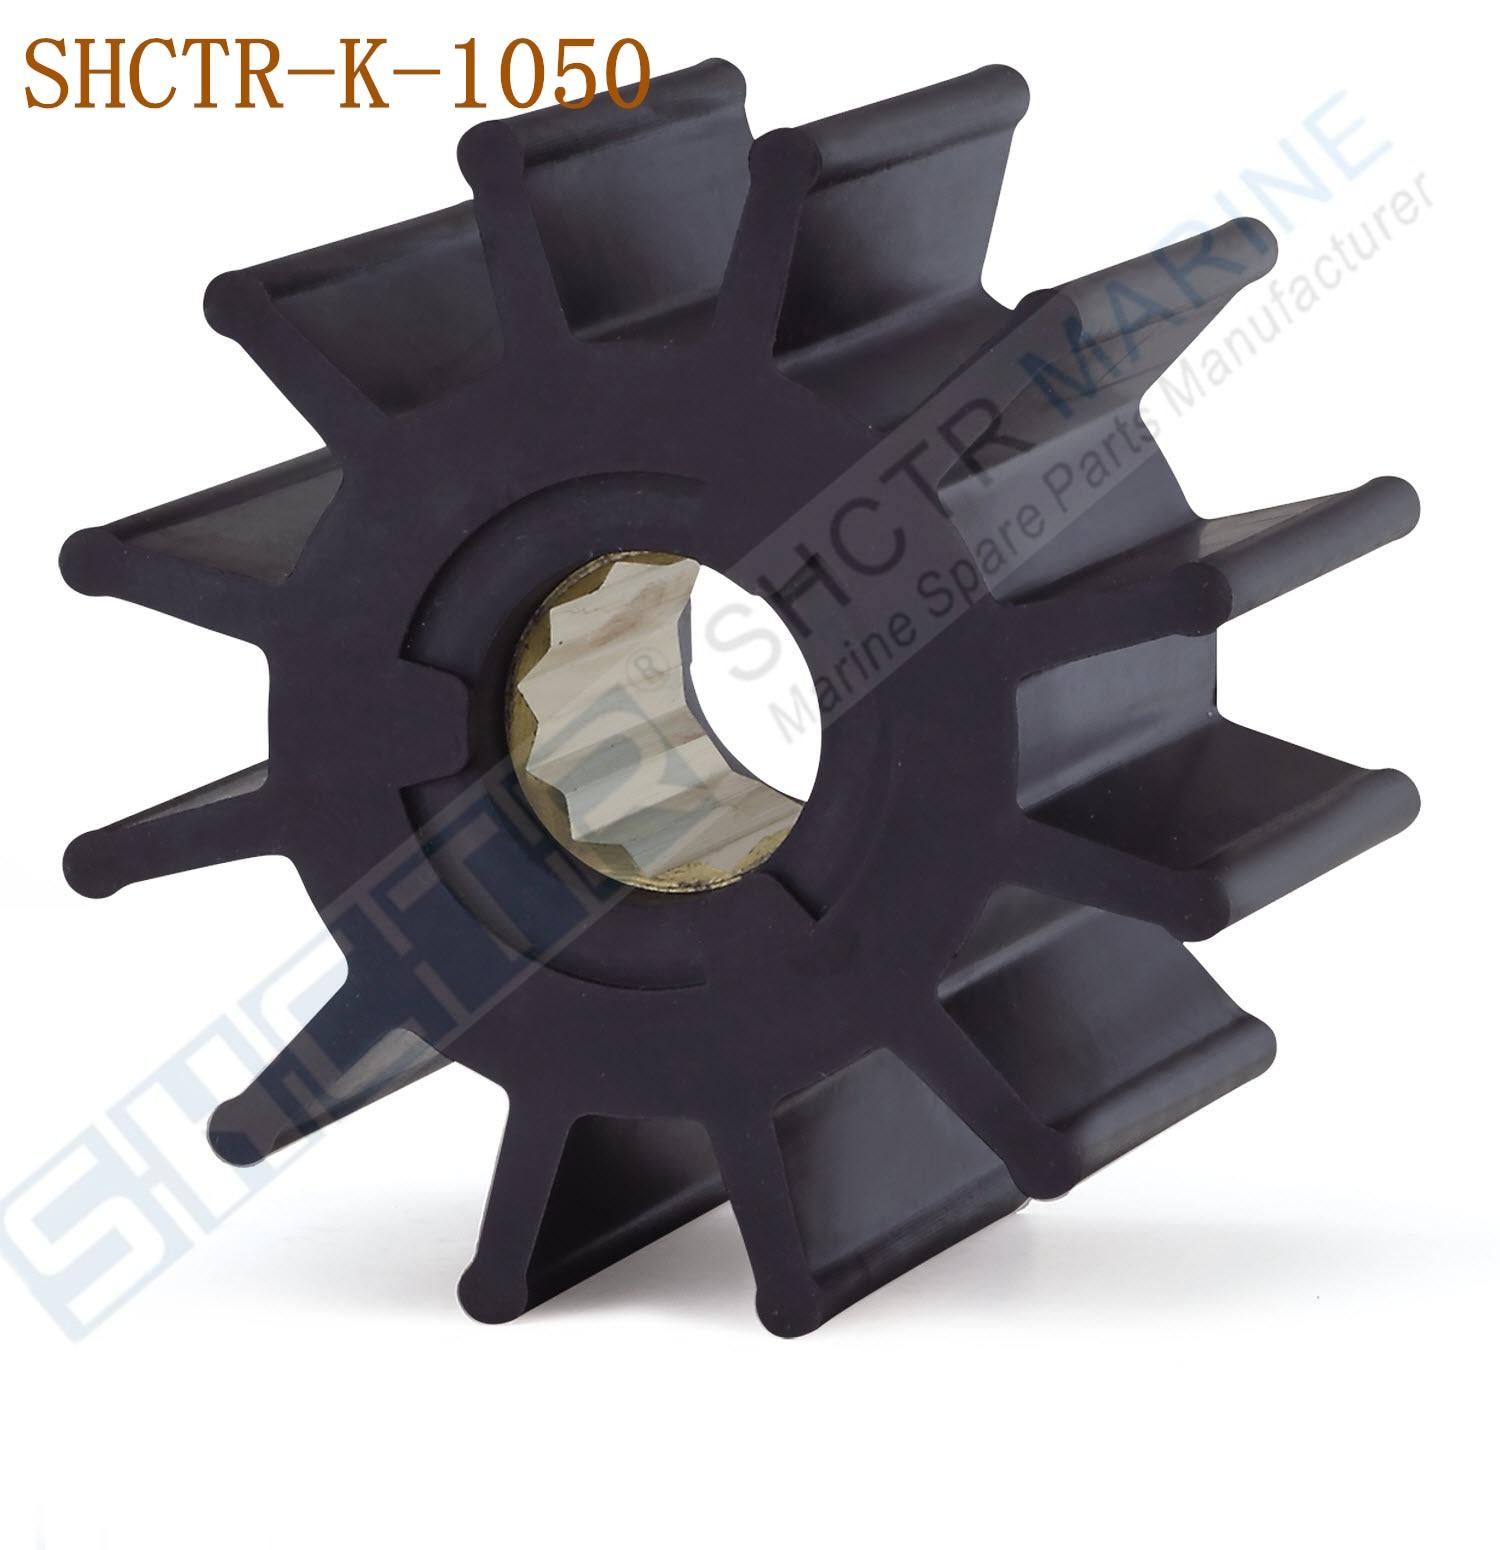 Impeller CEF 500201 GX Jabsco 653-0003 Ersatz für Johnson Pump 09-0810-B9